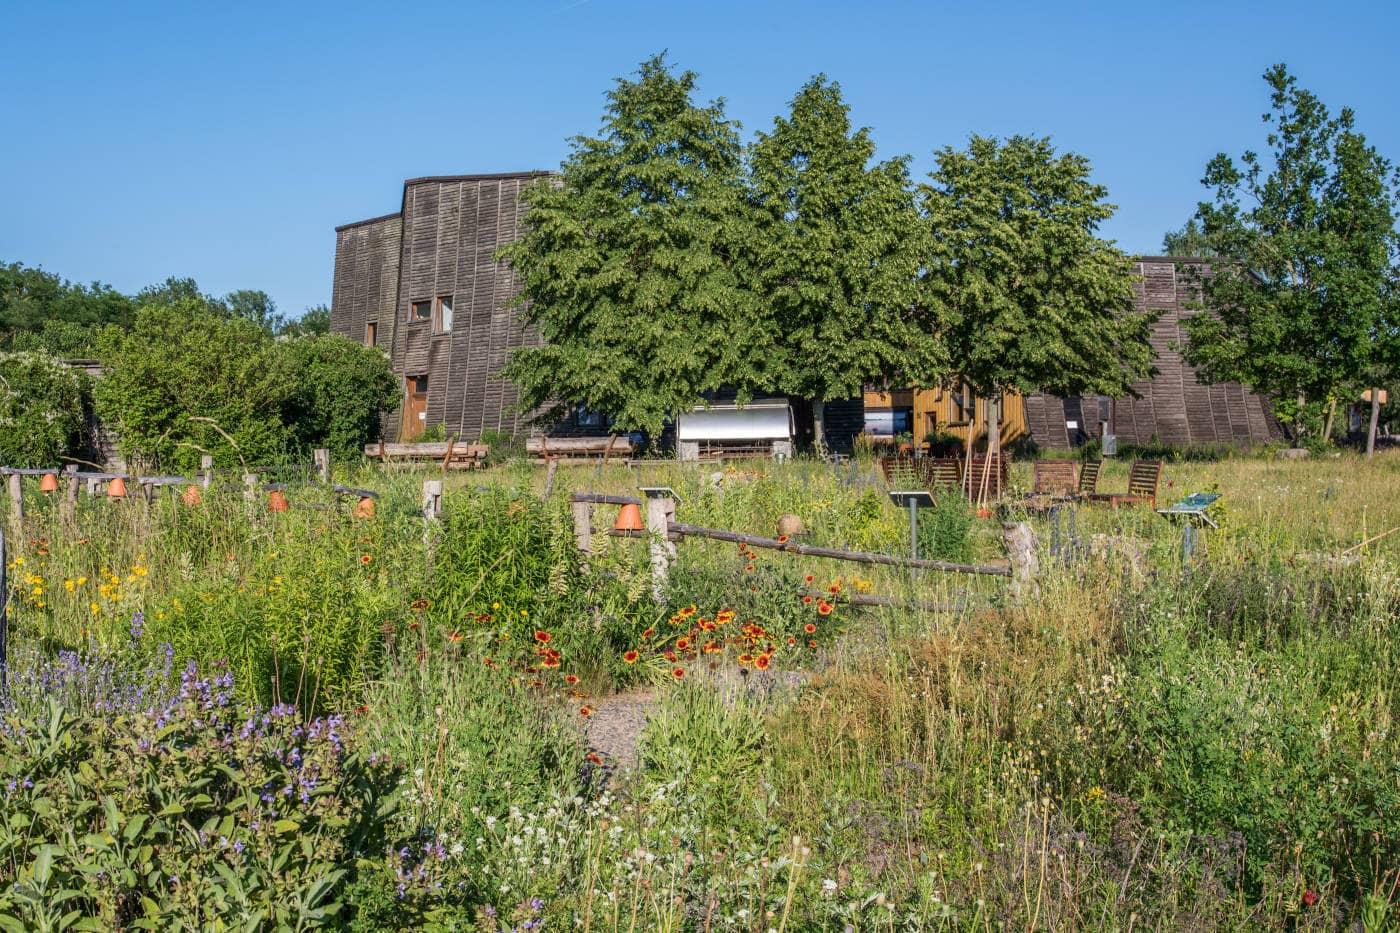 Ausflugstipps zum  Muttertag: NABU Naturerlebniszentrum Blumberger Mühle – Ausflugsziel für Familien mit Kindern// HIMBEER